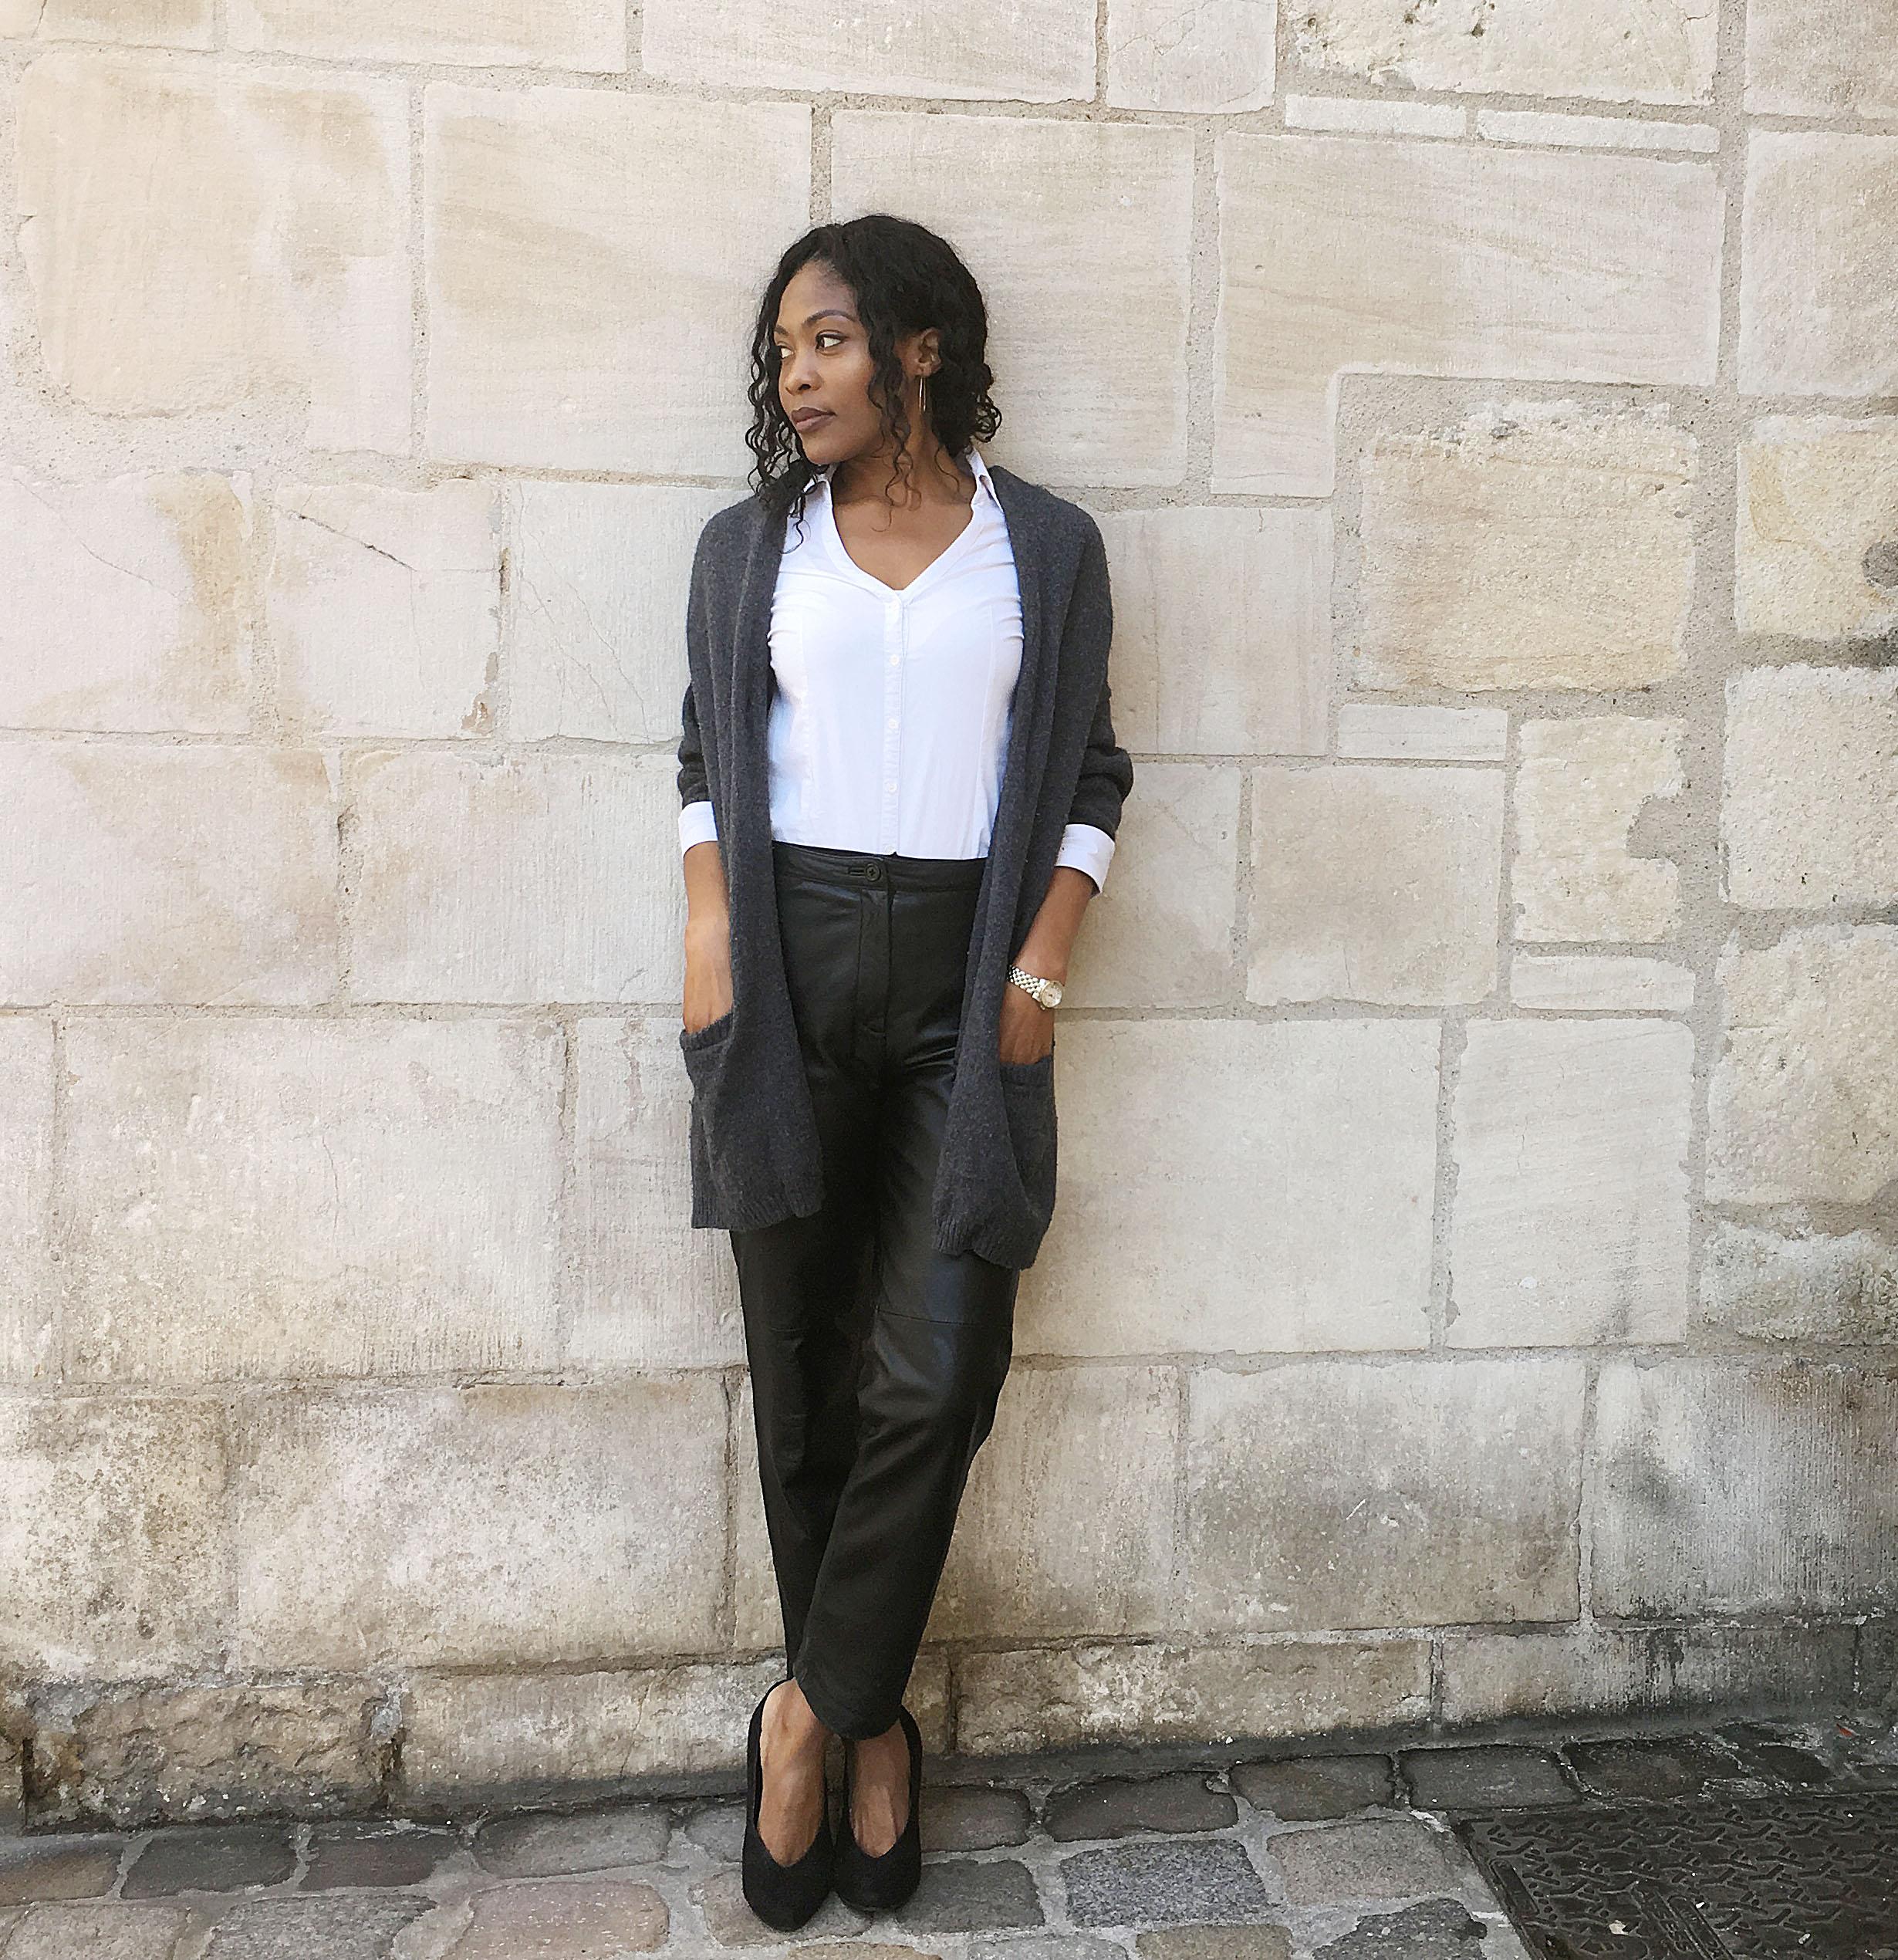 Tenue classique décontractée, look working-girl,